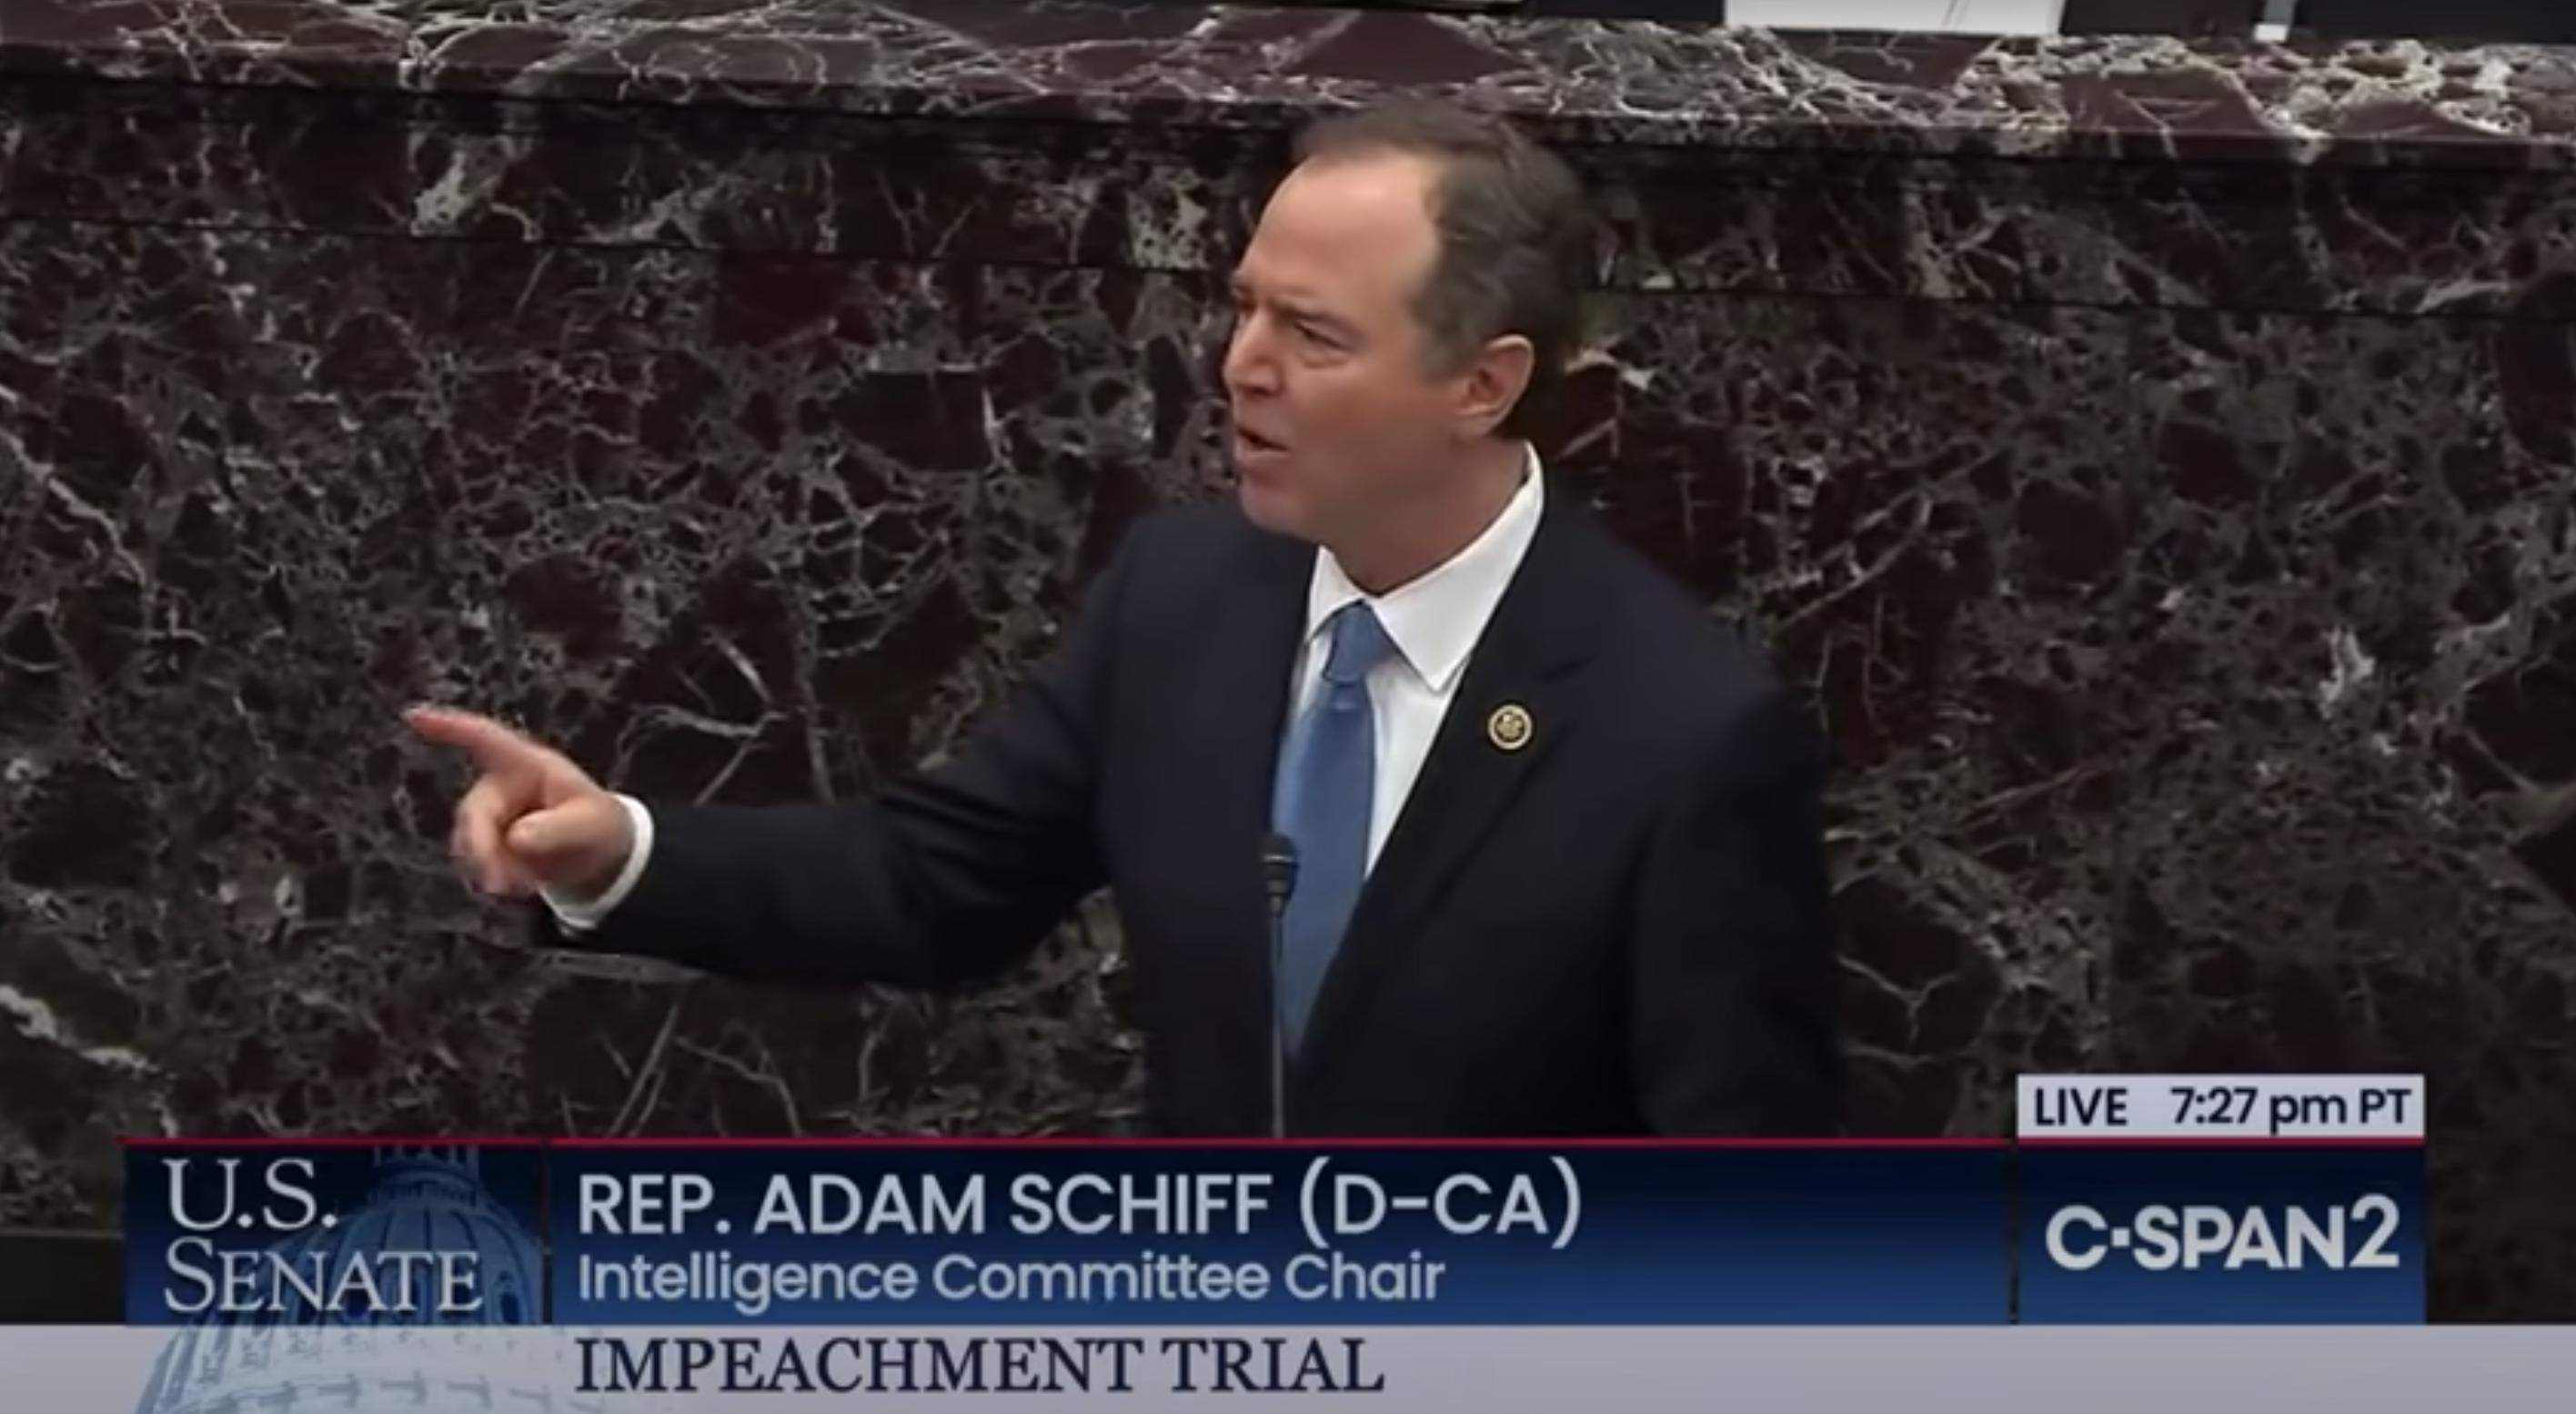 Adam Schiff speaking at Trump Impeachment Trial